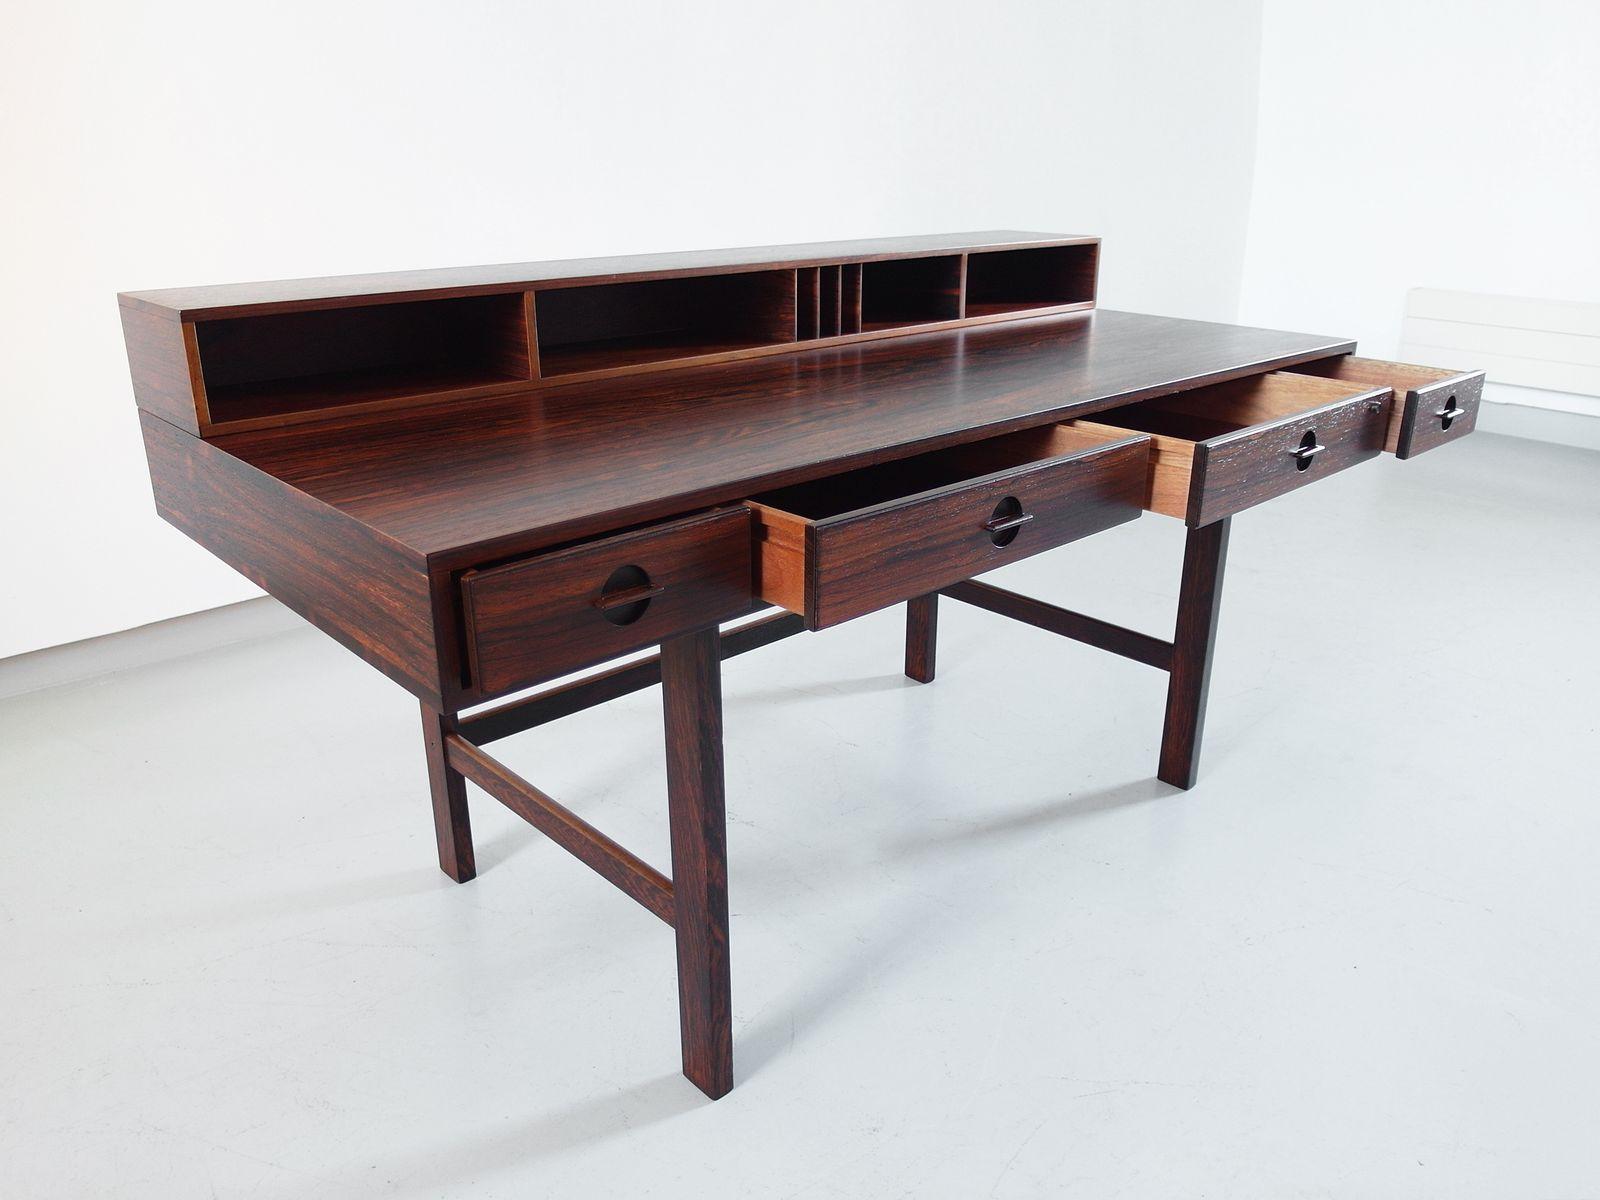 Flip top desk by jens quistgaard for l vig 1966 for sale for Flip top computer desk